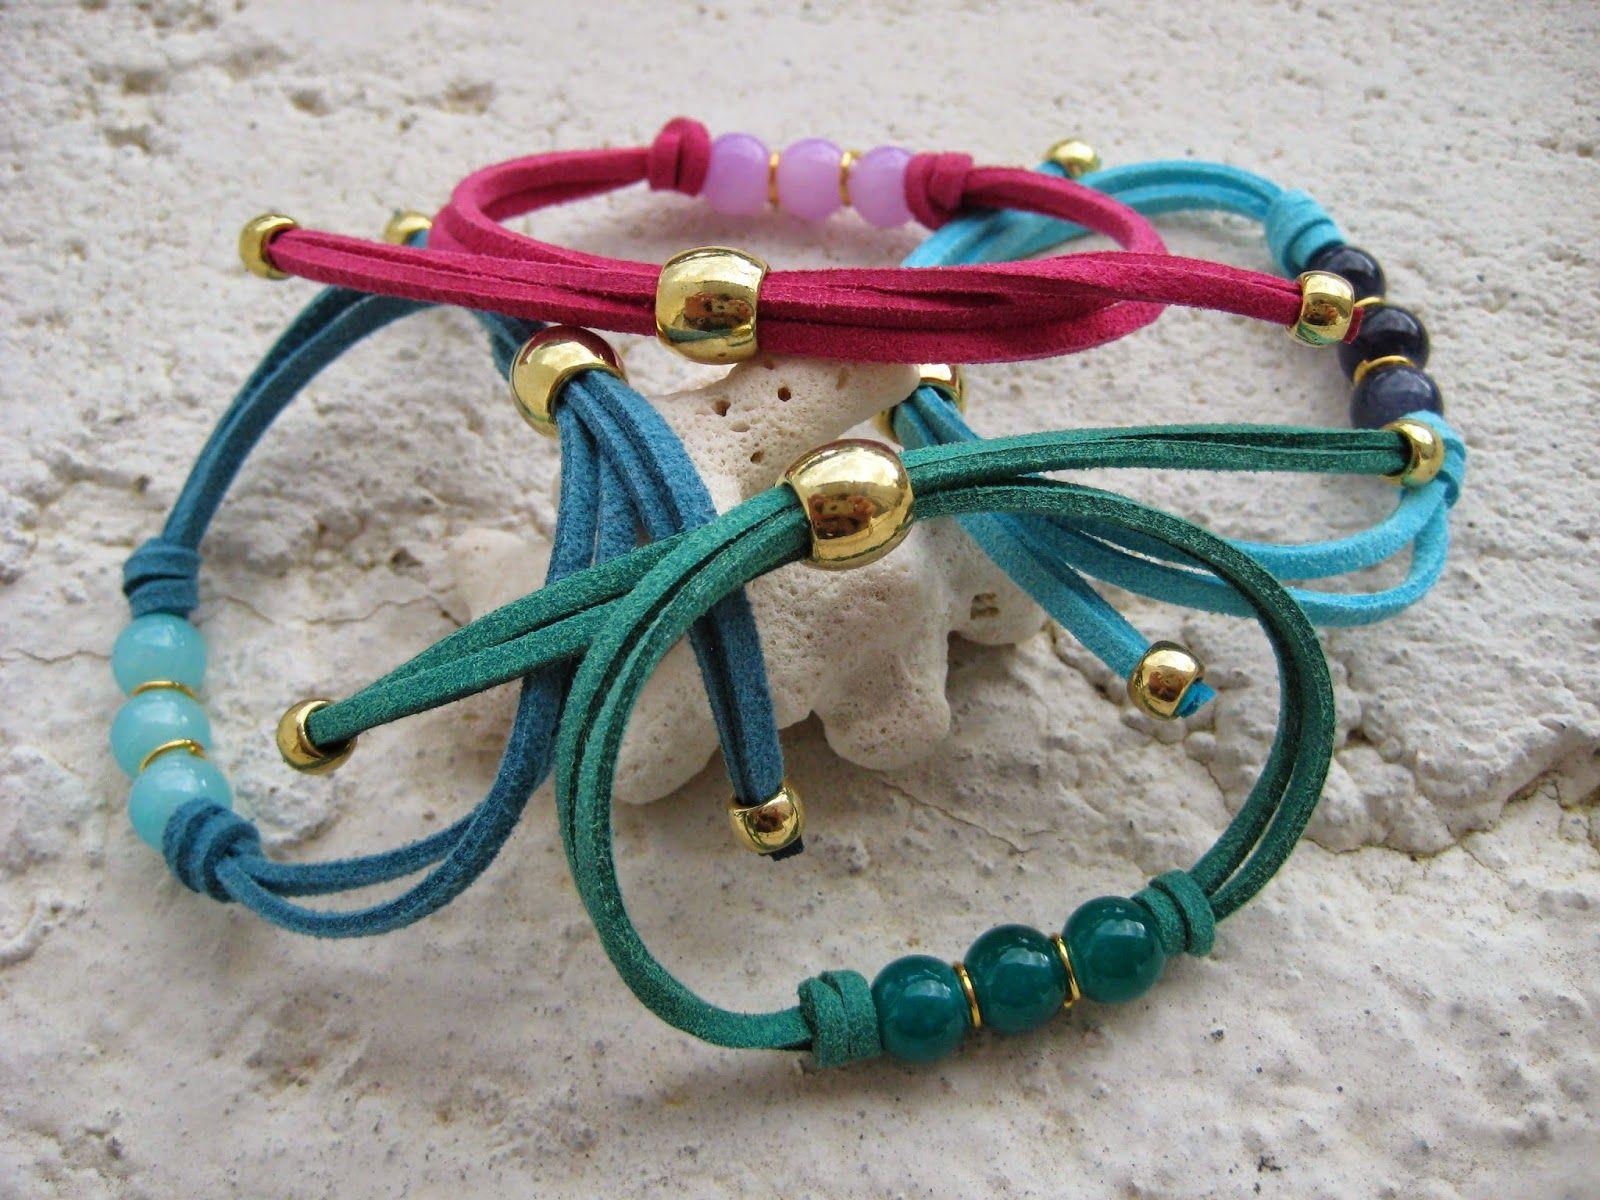 01be2d92d930 Pulsera en cordón de ante con detalle central de cuentas de cristal y  finalización con piezas de zámak doradas. 3 colores